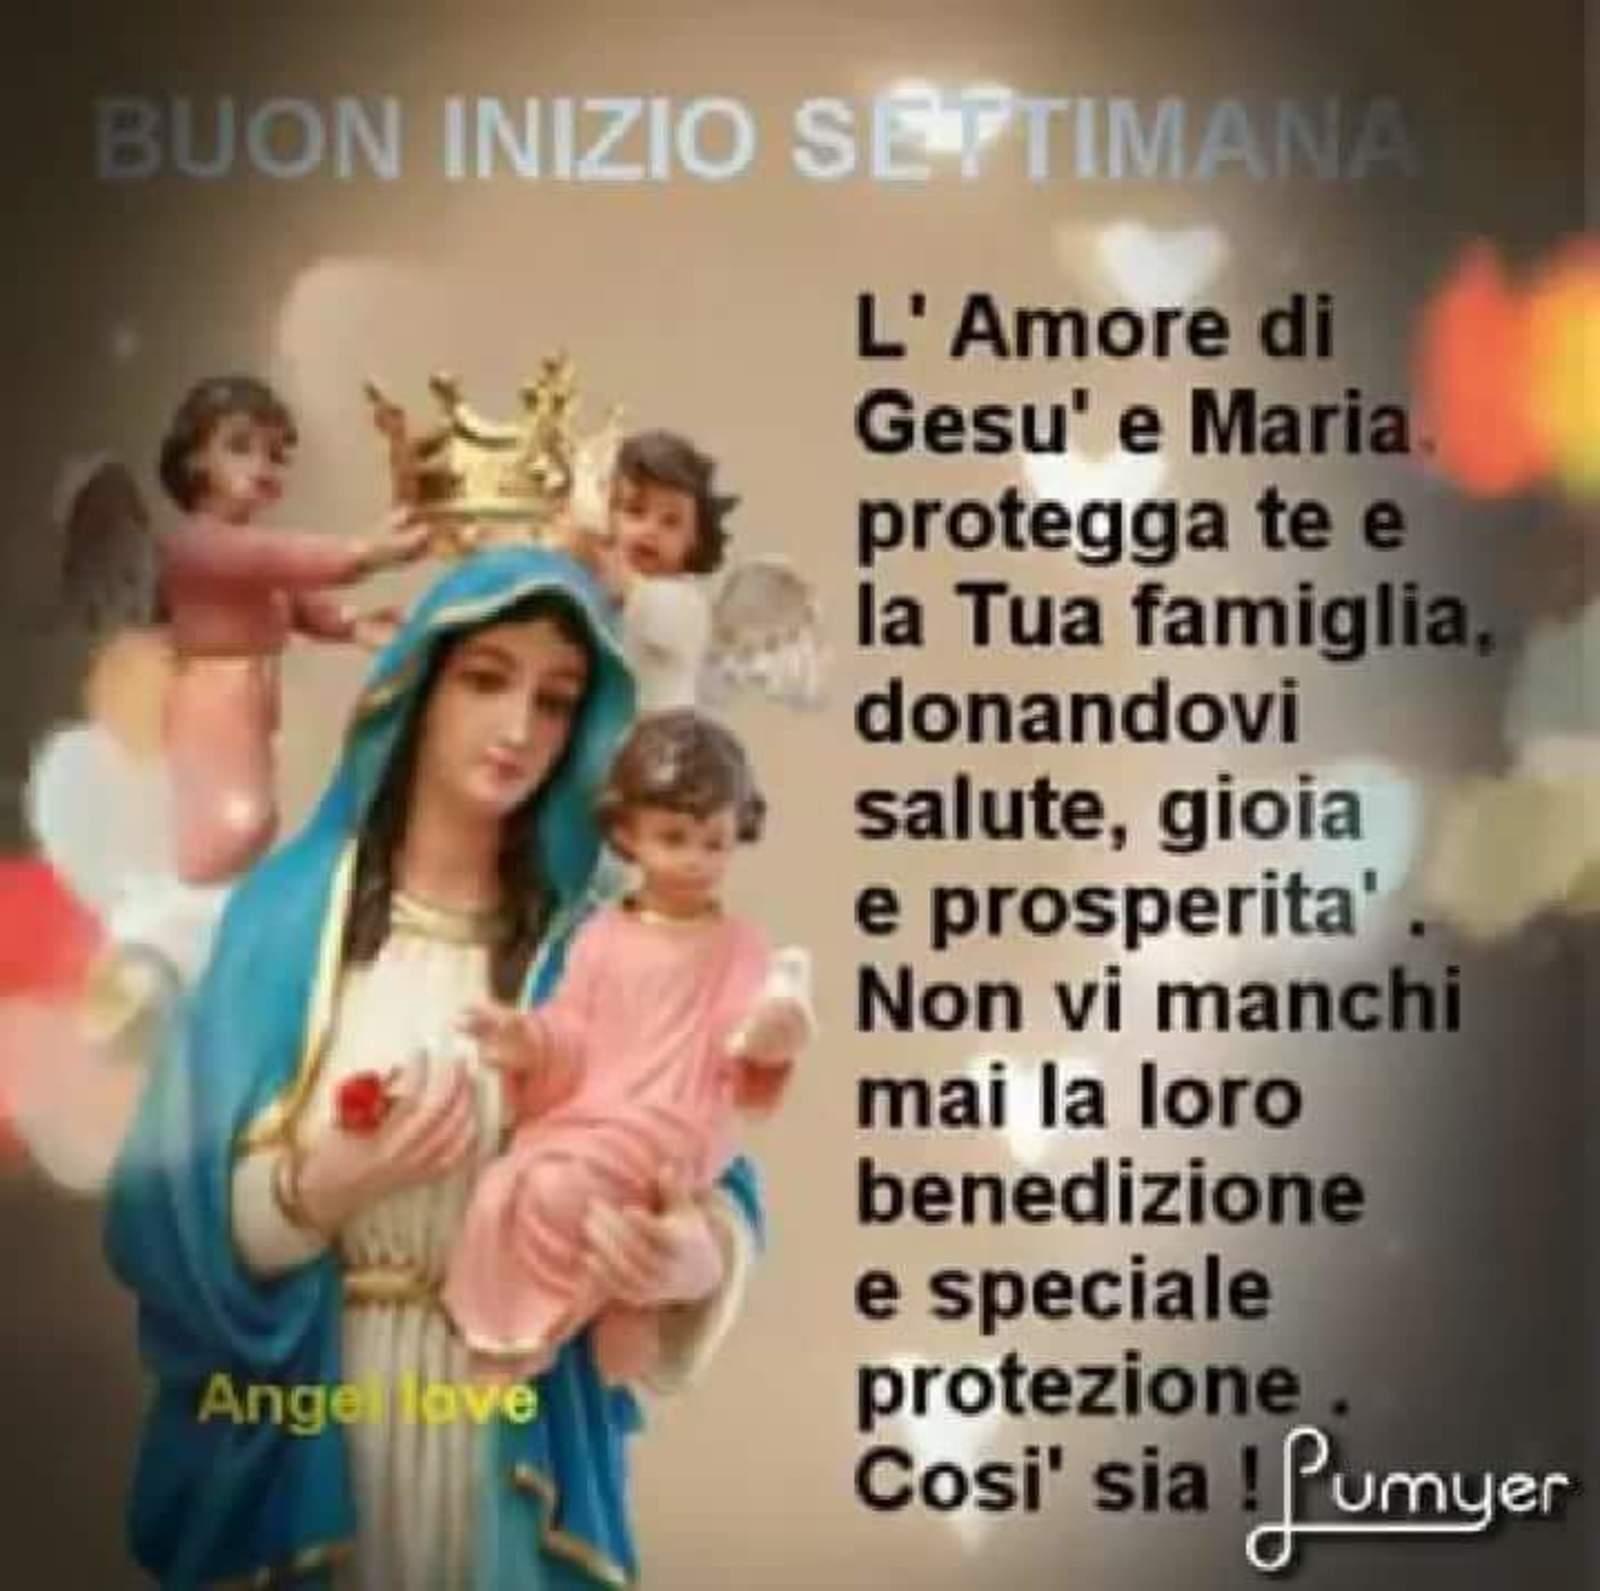 Buon Inizio Settimana Con Lamore Di Gesù E Maria